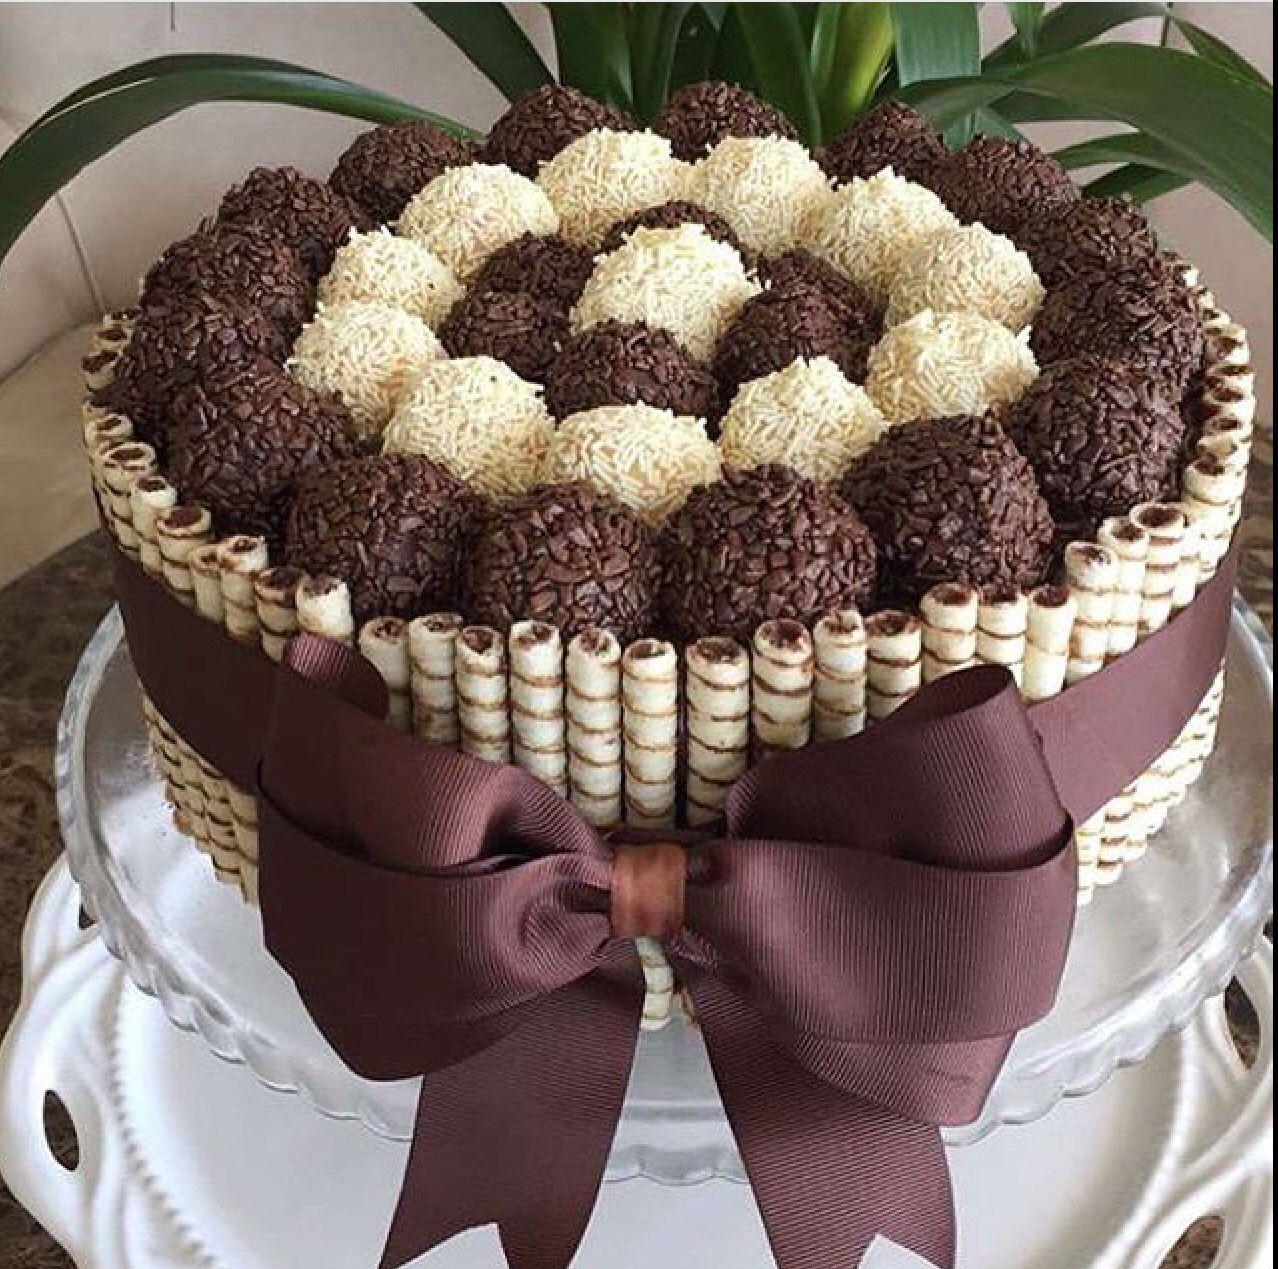 Bolo De Chocolate Com Brigadeiros Gourmet E Nutella Bolo Bolo